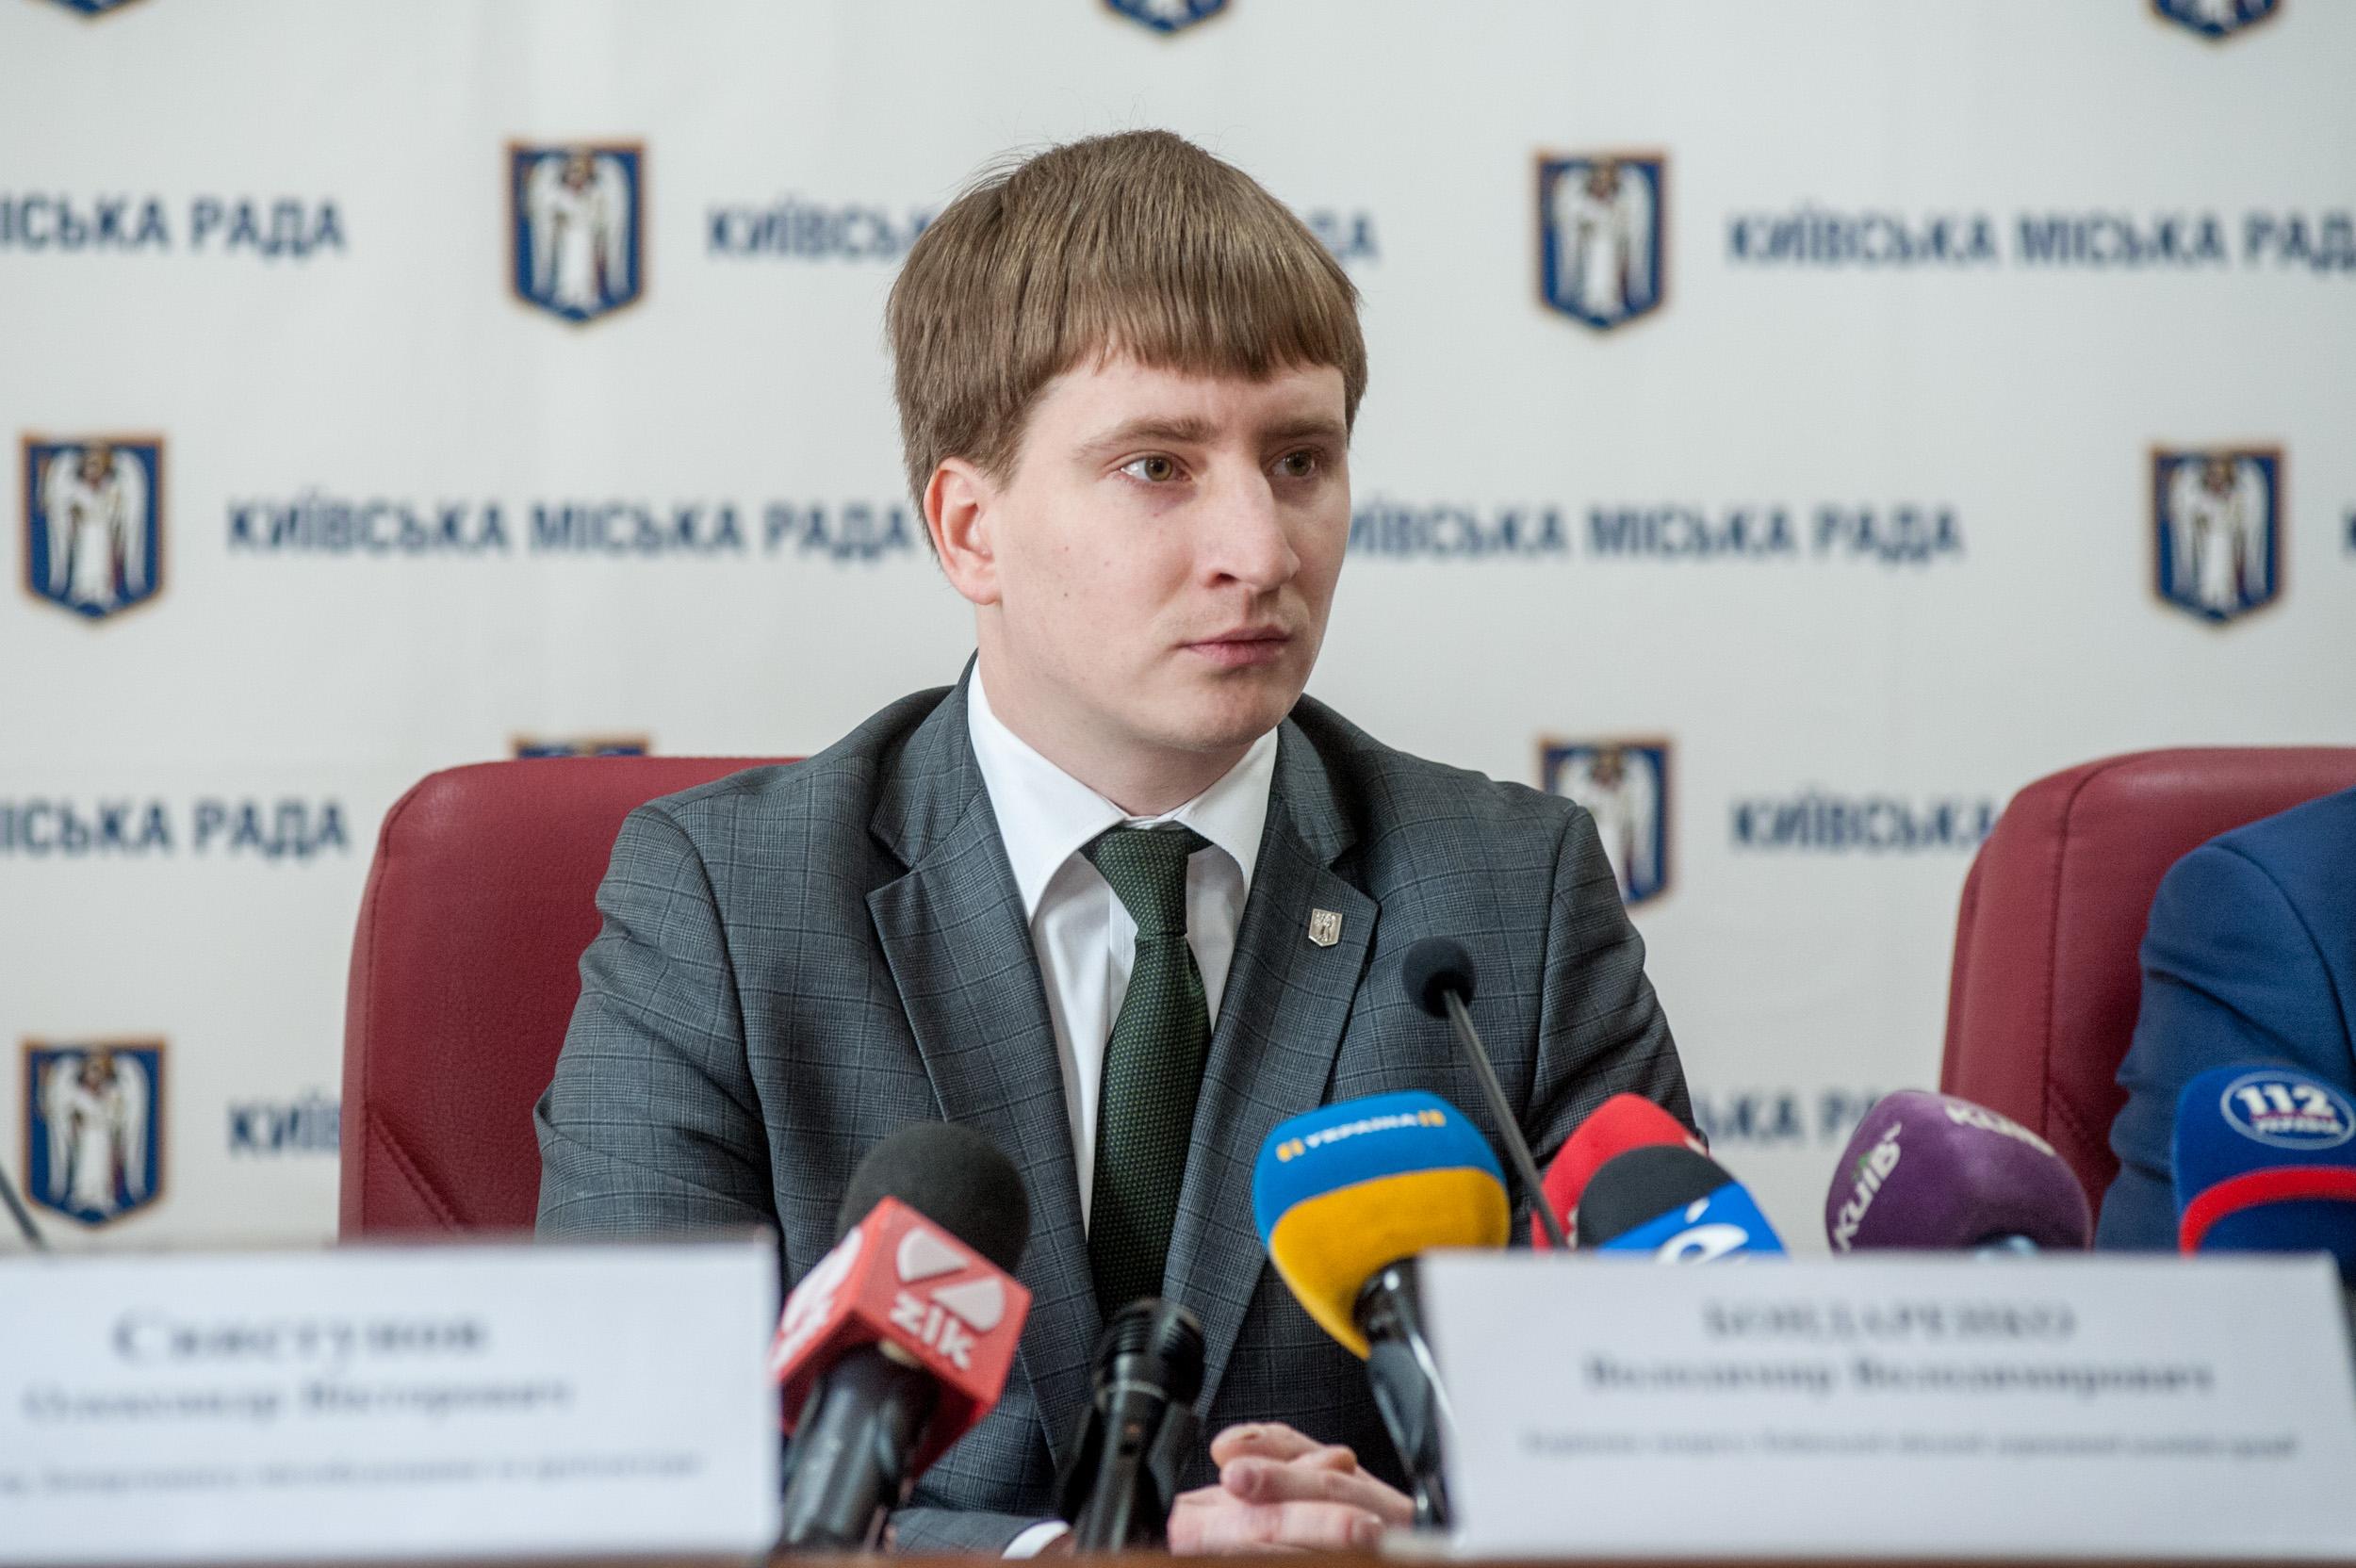 Водопілля Києву не загрожує - Володимир Бондаренко